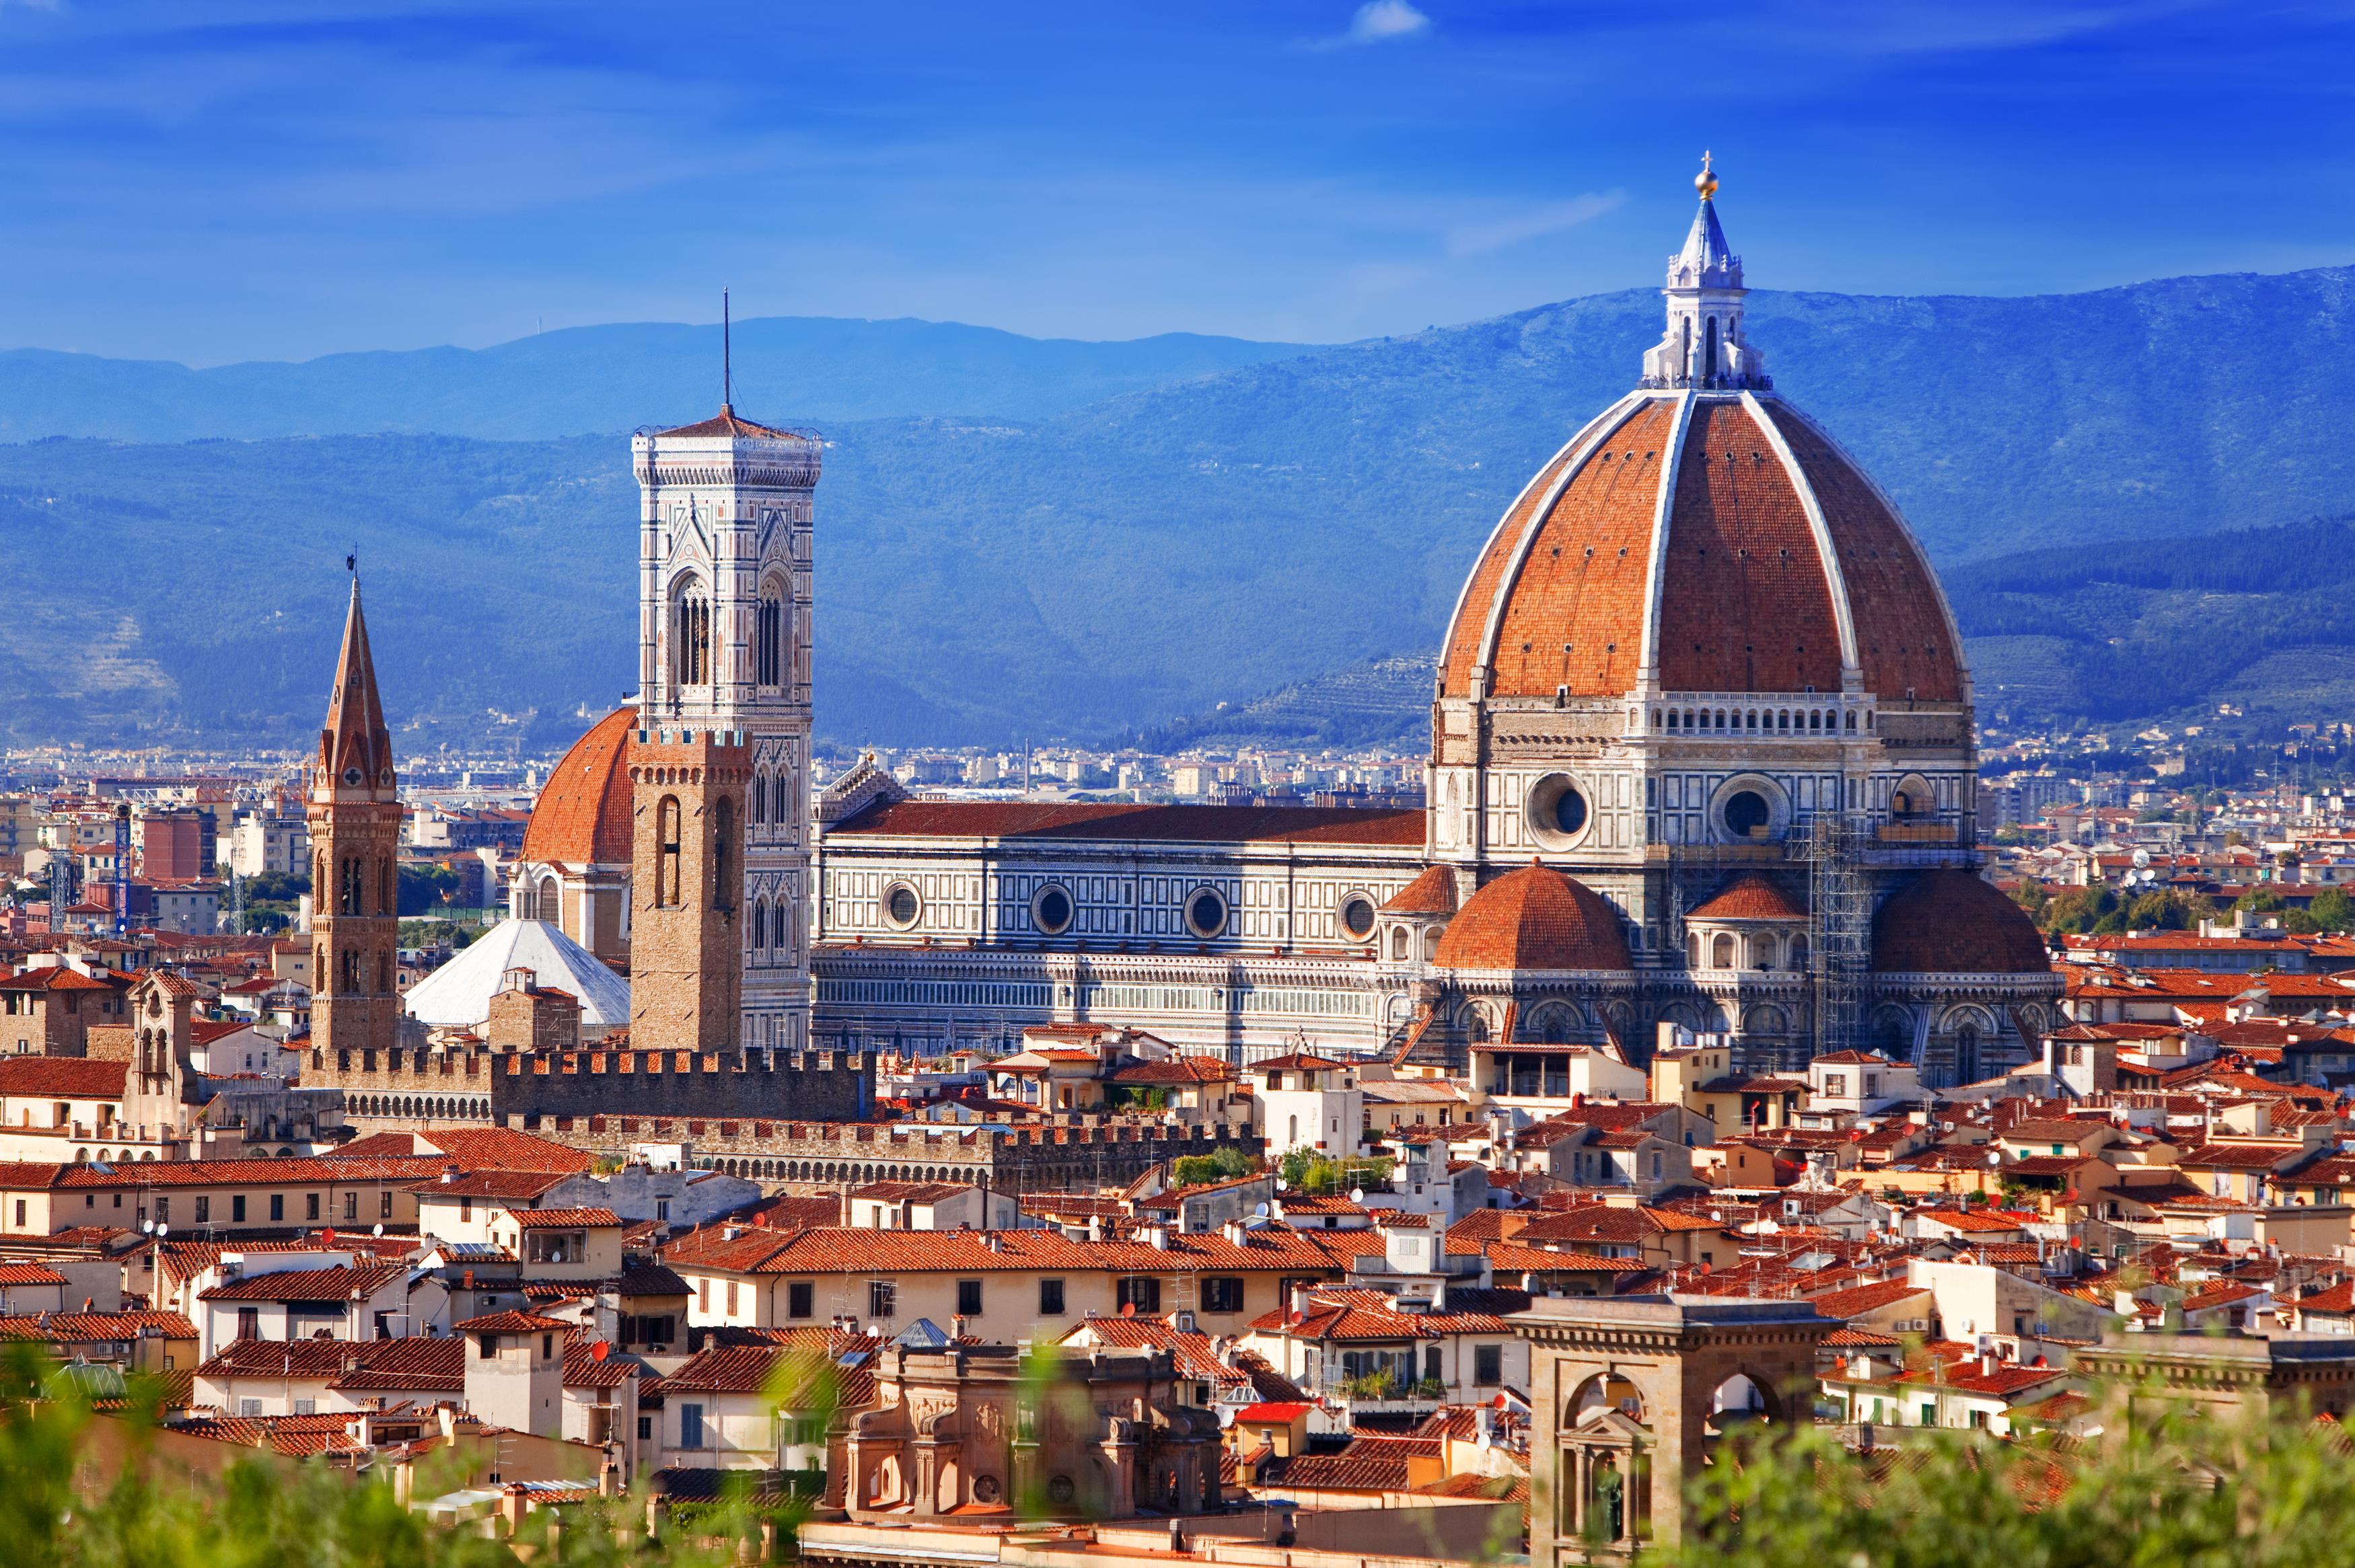 """Florencie je často označována jako """"kolébka renesance"""